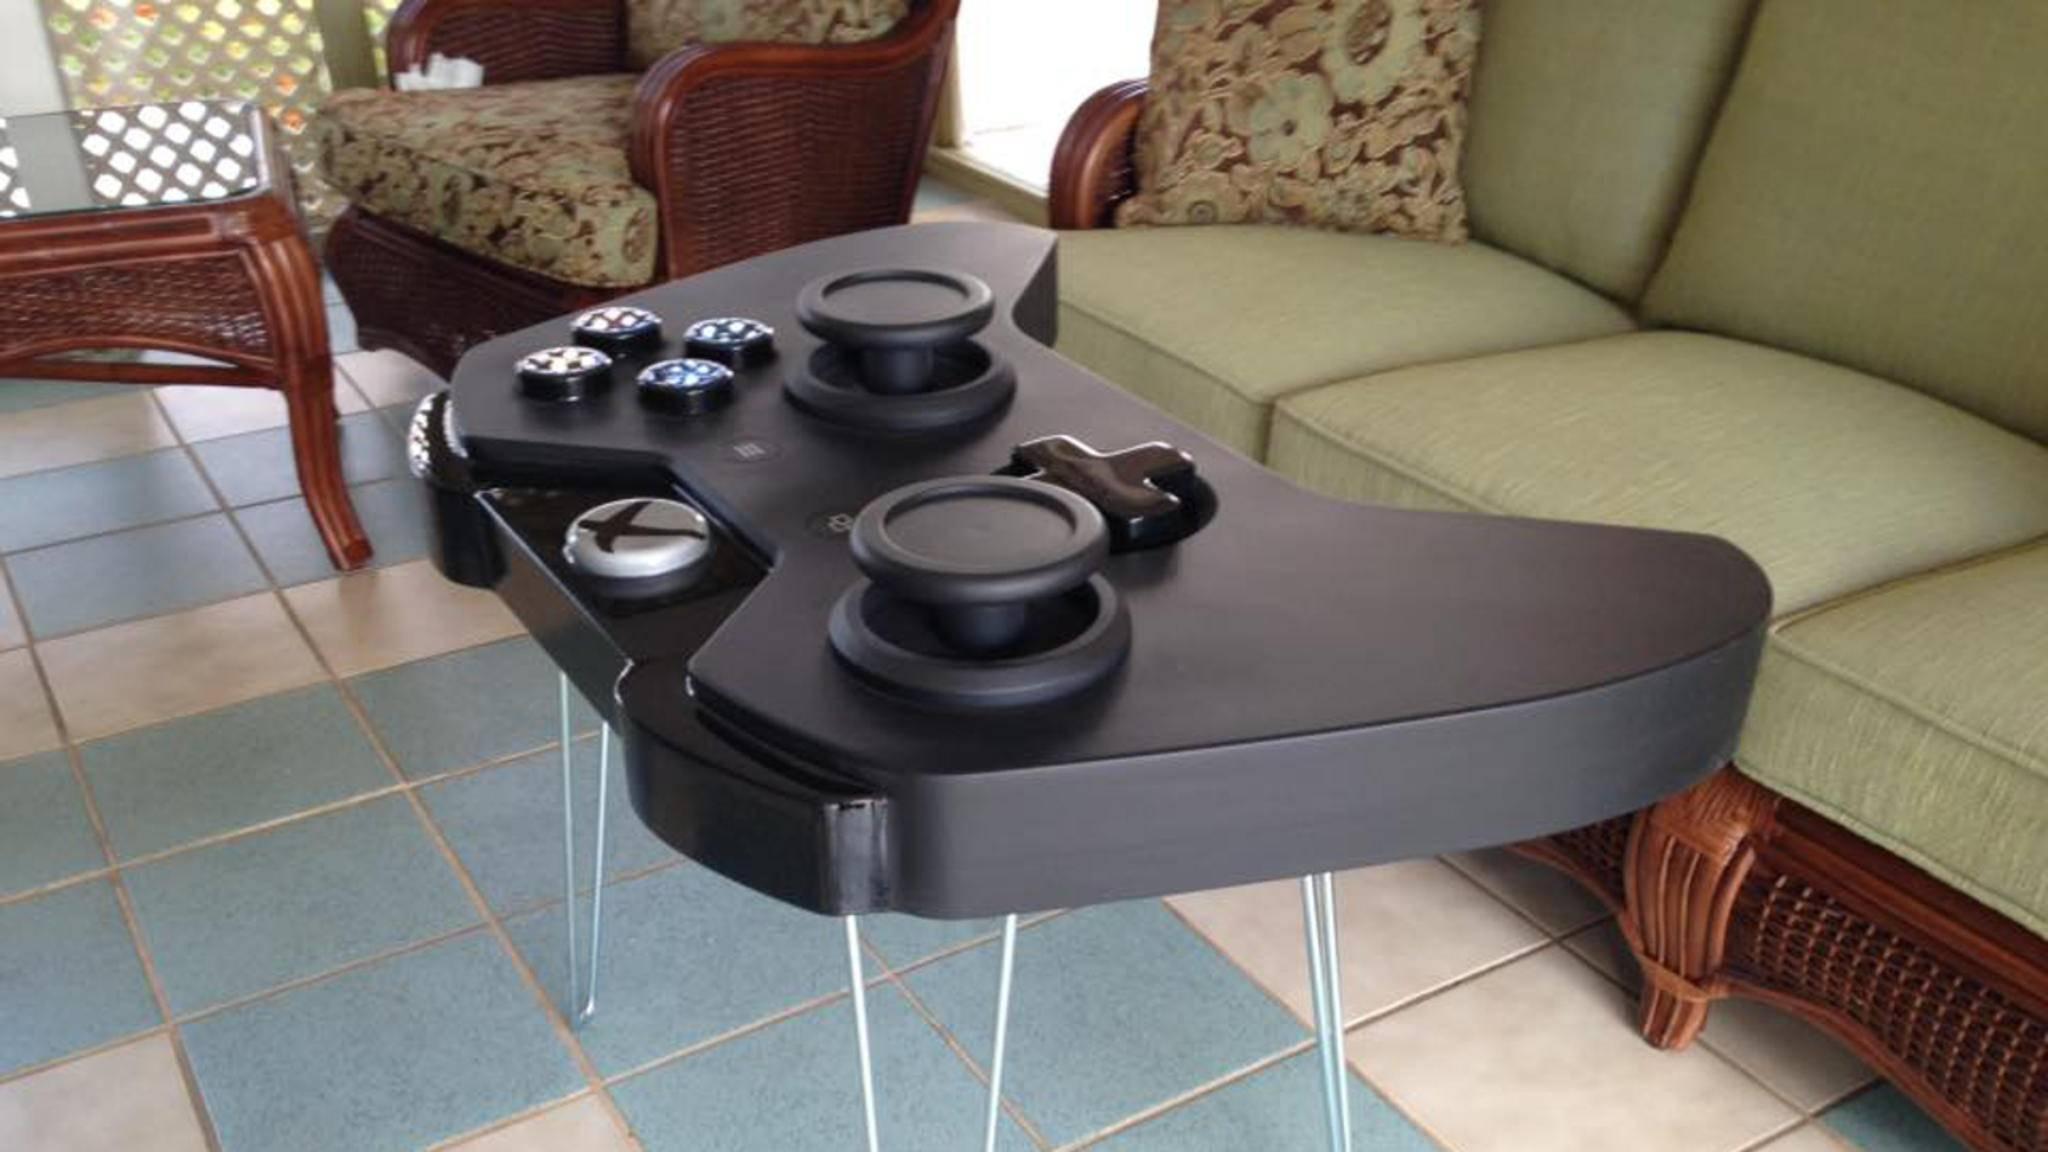 Für mehr Style im Wohnzimmer: Ein Tisch im Look des Xbox One-Controllers.